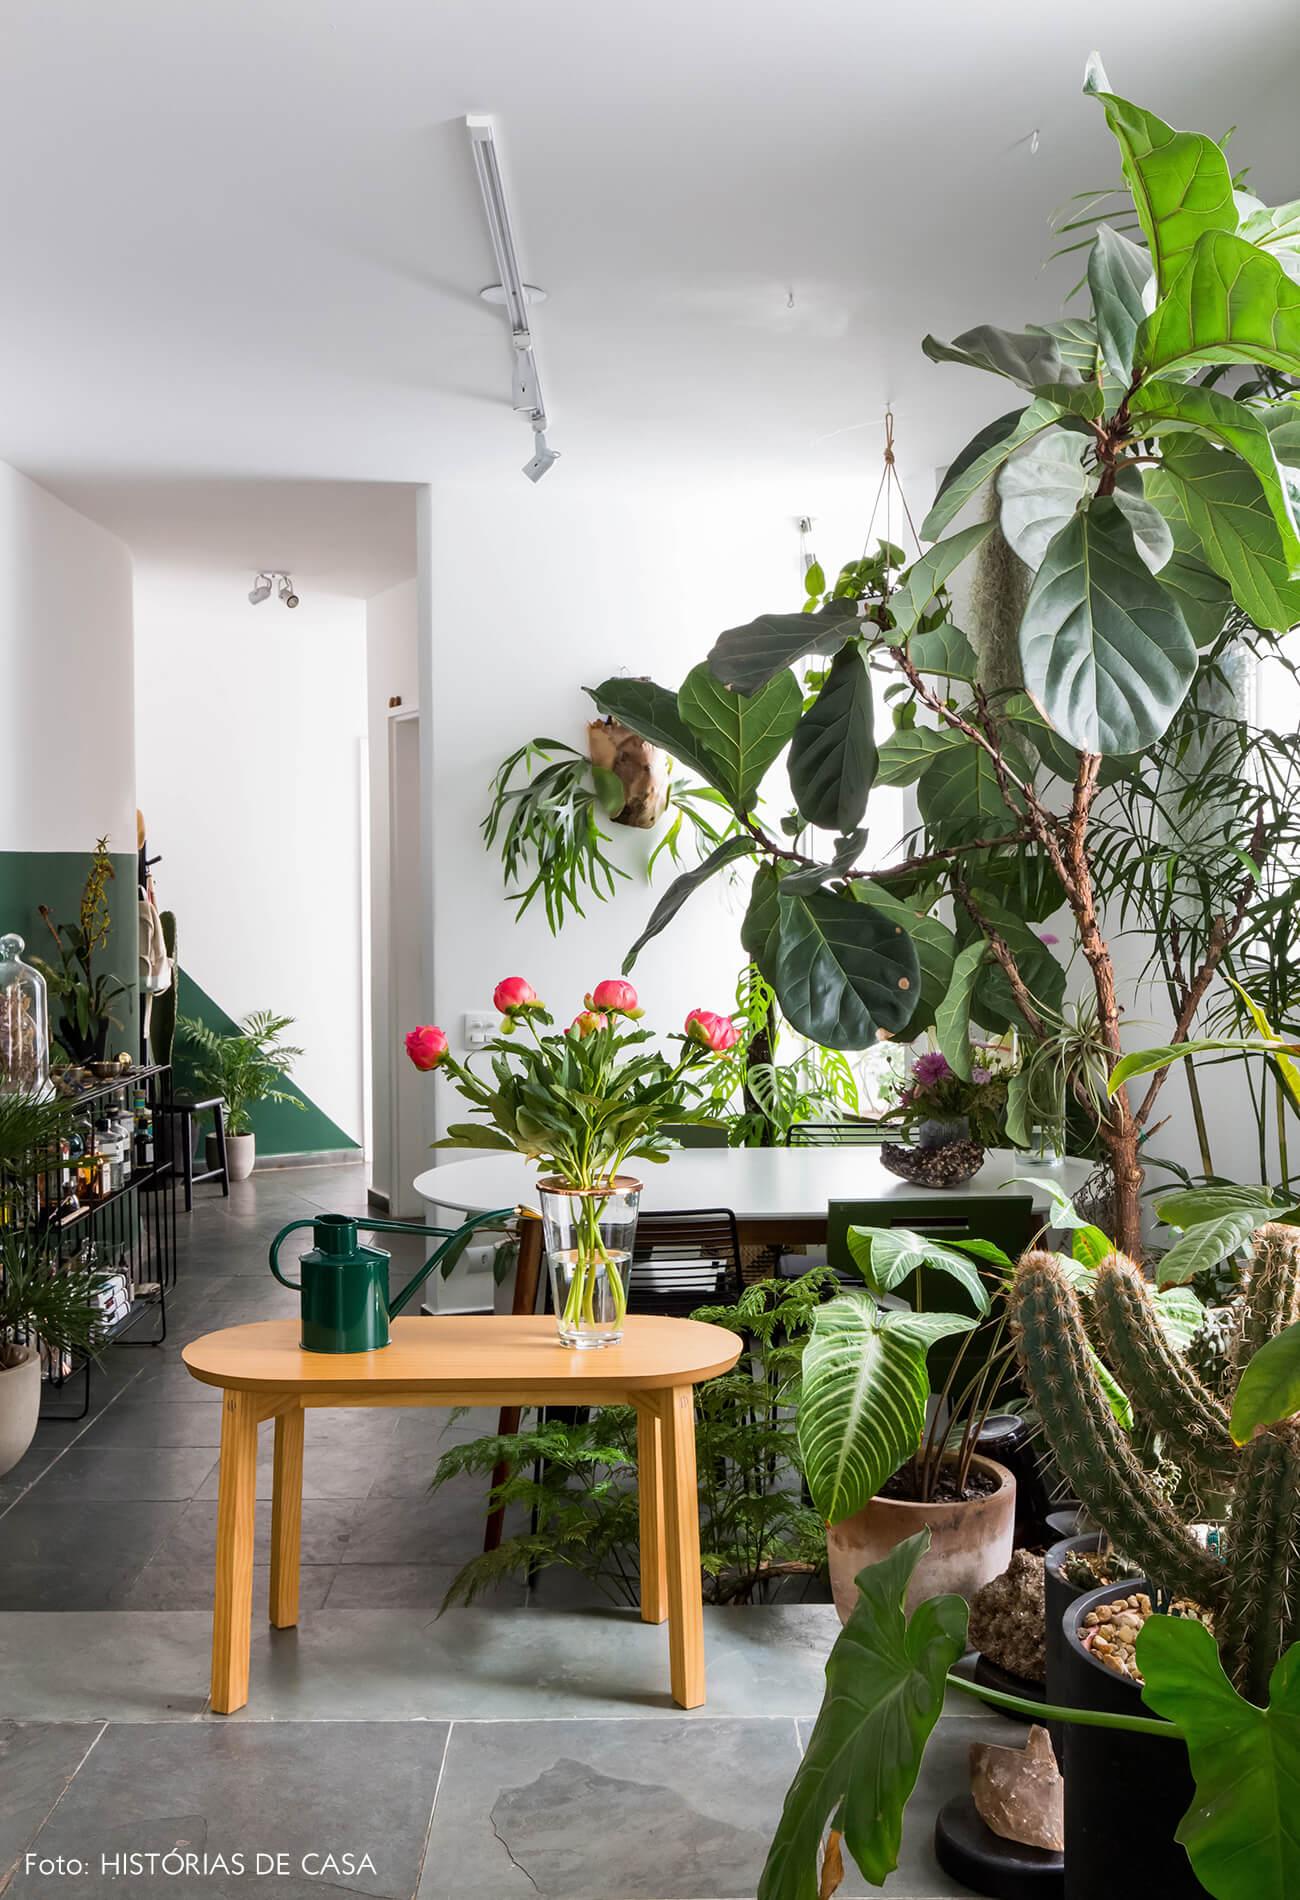 Sala com muitas plantas e banquinho de madeira